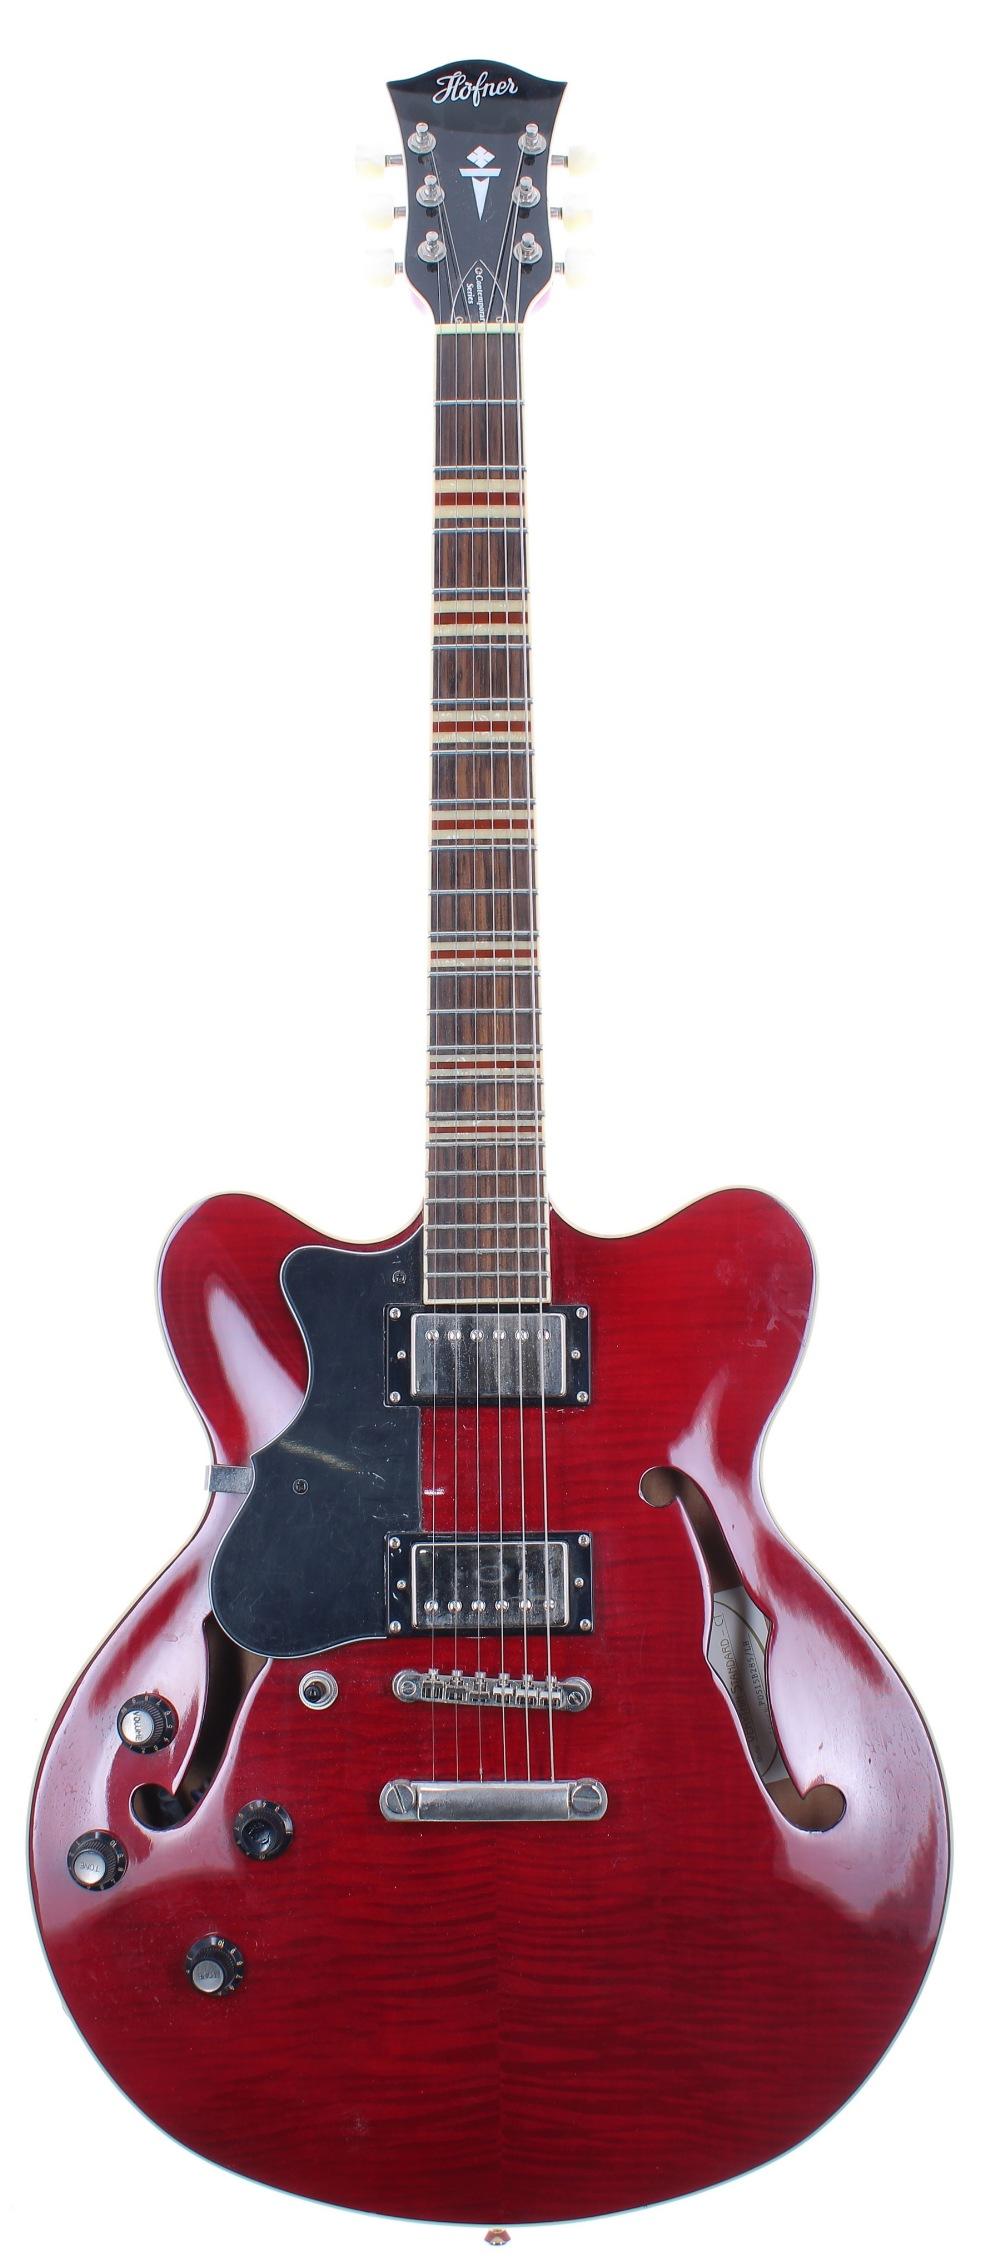 2005 Hofner Verythin Standard - CT left handed electric guitar, ser. no. P05xxxxxx/LH; Finish: